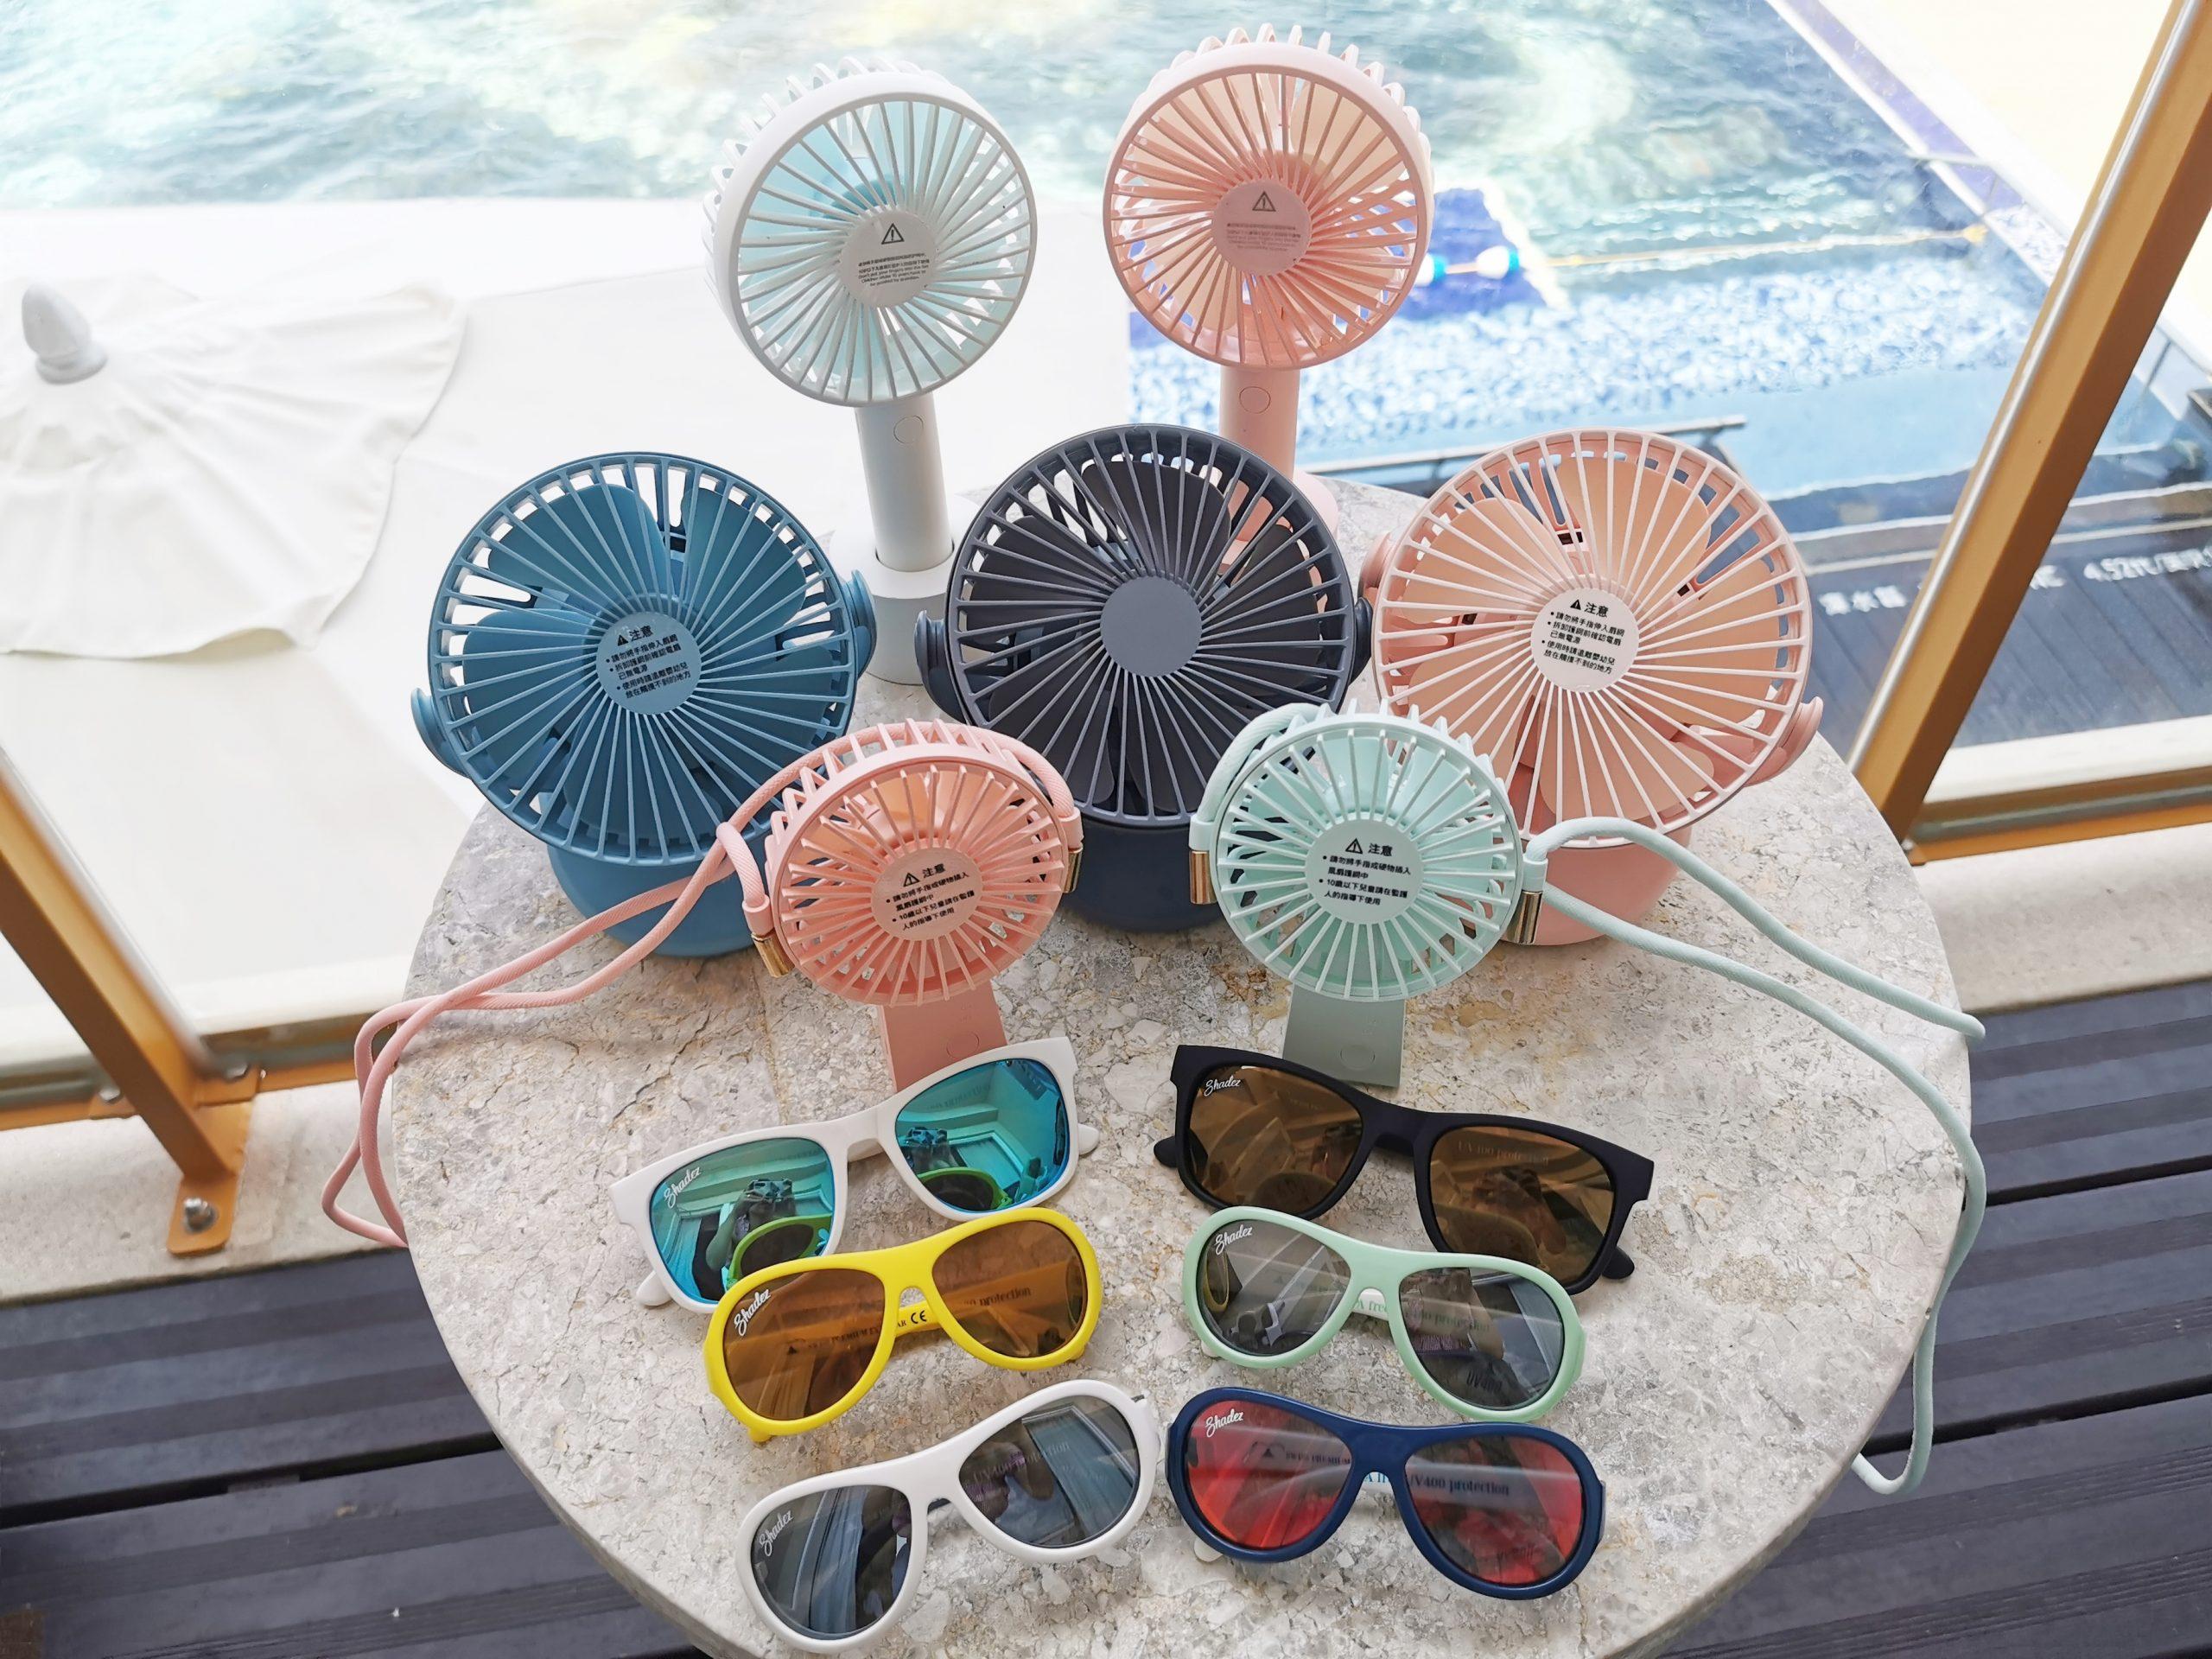 【團購】艾美特電風扇x兒童太陽眼鏡,今夏最夯抗暑神器,推薦必敗! @小環妞 幸福足跡